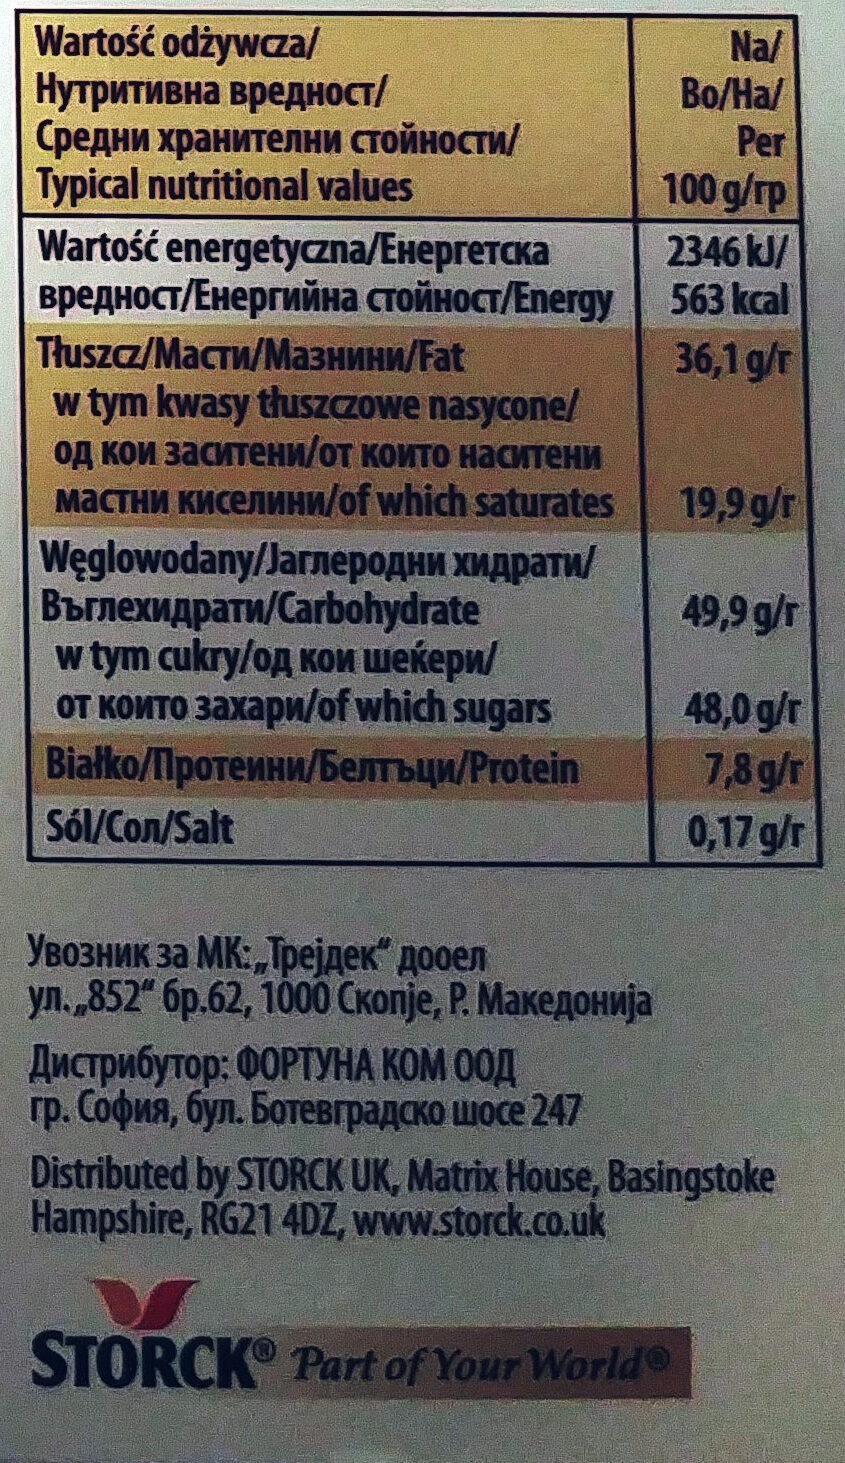 Merci Finest Selection - Wartości odżywcze